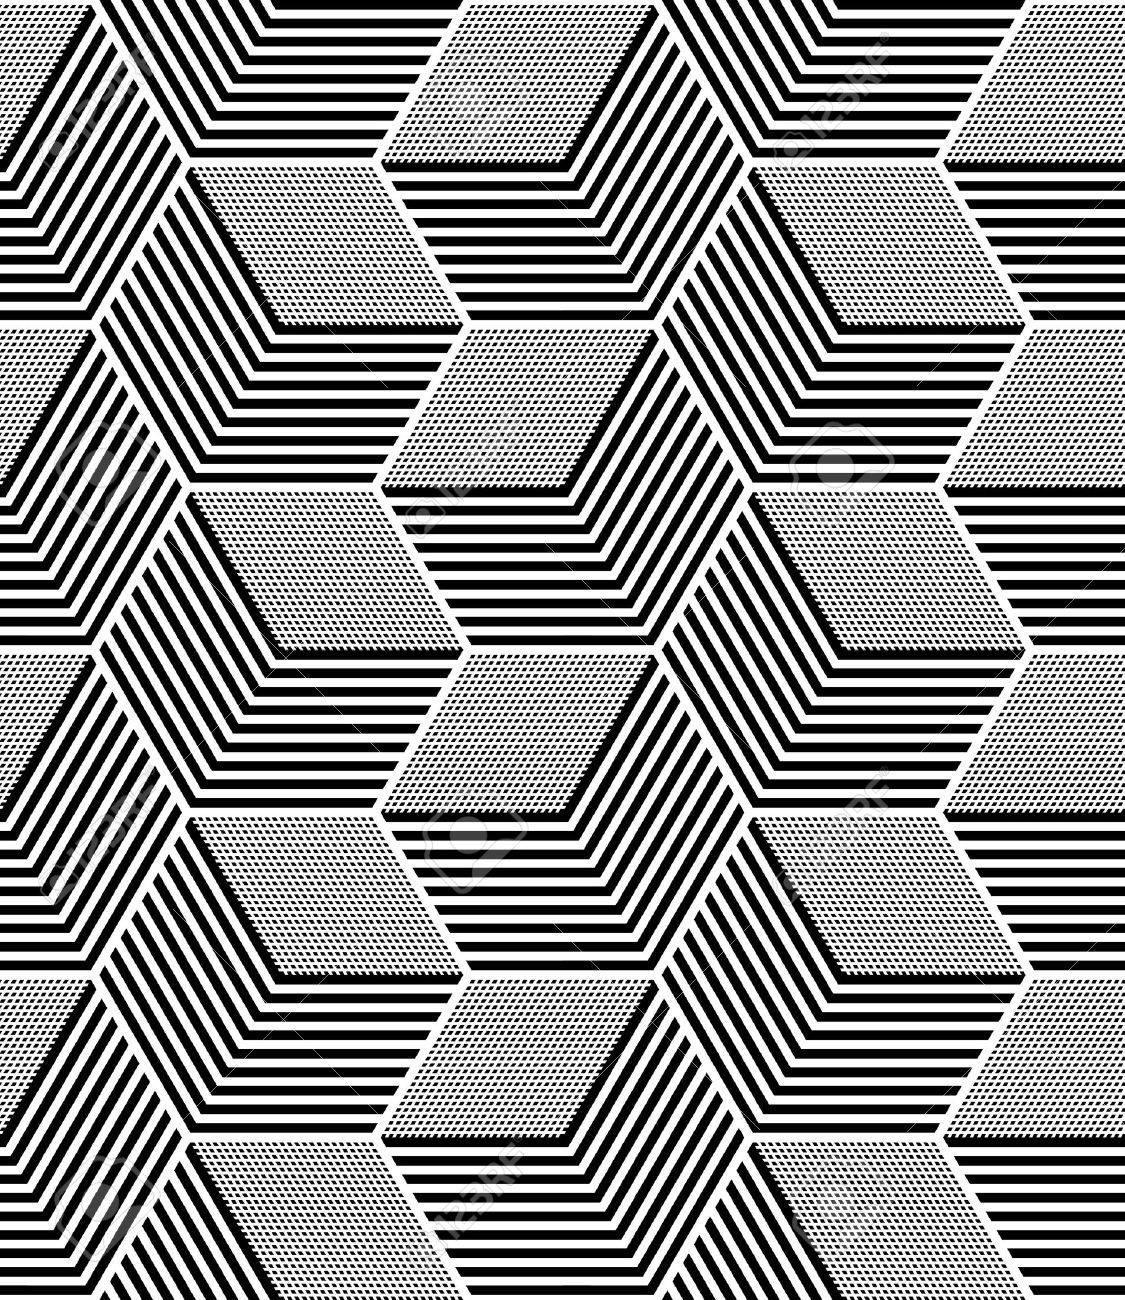 Seamless op art pattern. Geometric hexagons and diamonds texture. - 54565514